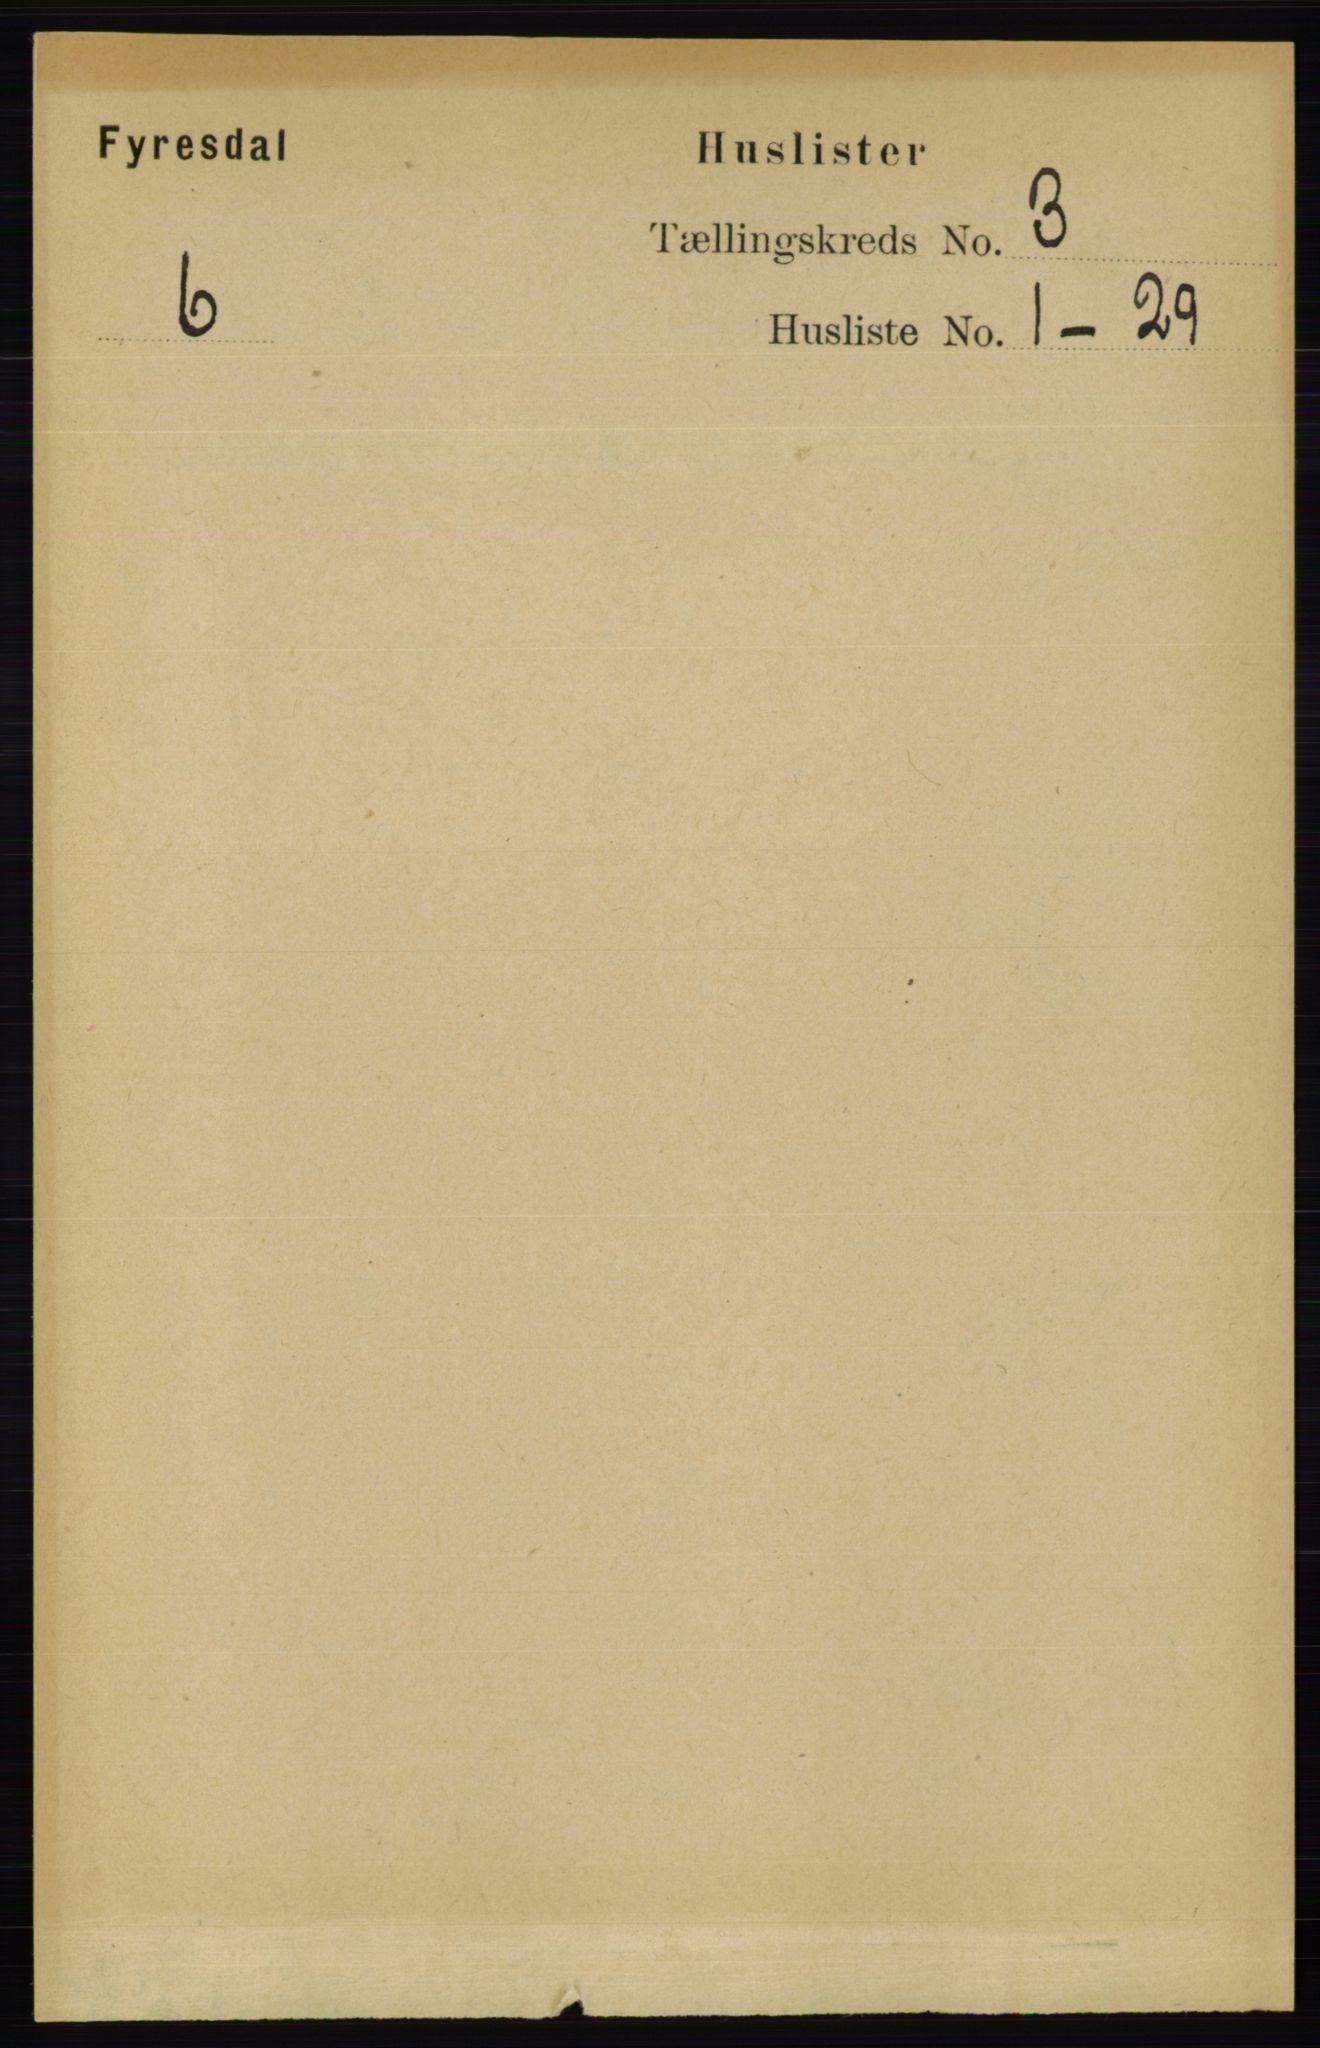 RA, Folketelling 1891 for 0831 Fyresdal herred, 1891, s. 534